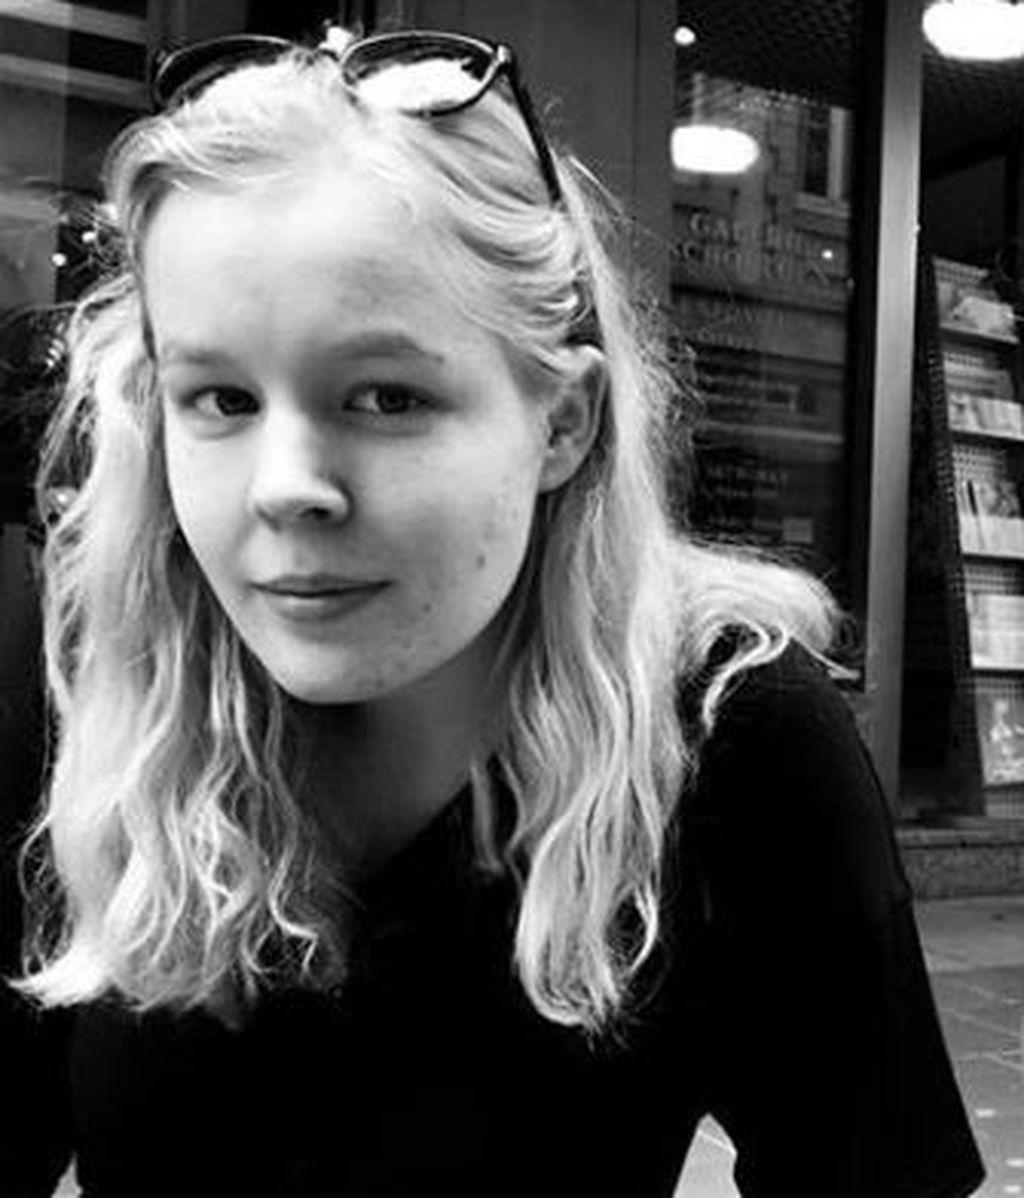 Holanda practica la eutanasia a una joven víctima de violencia sexual que sufría depresión